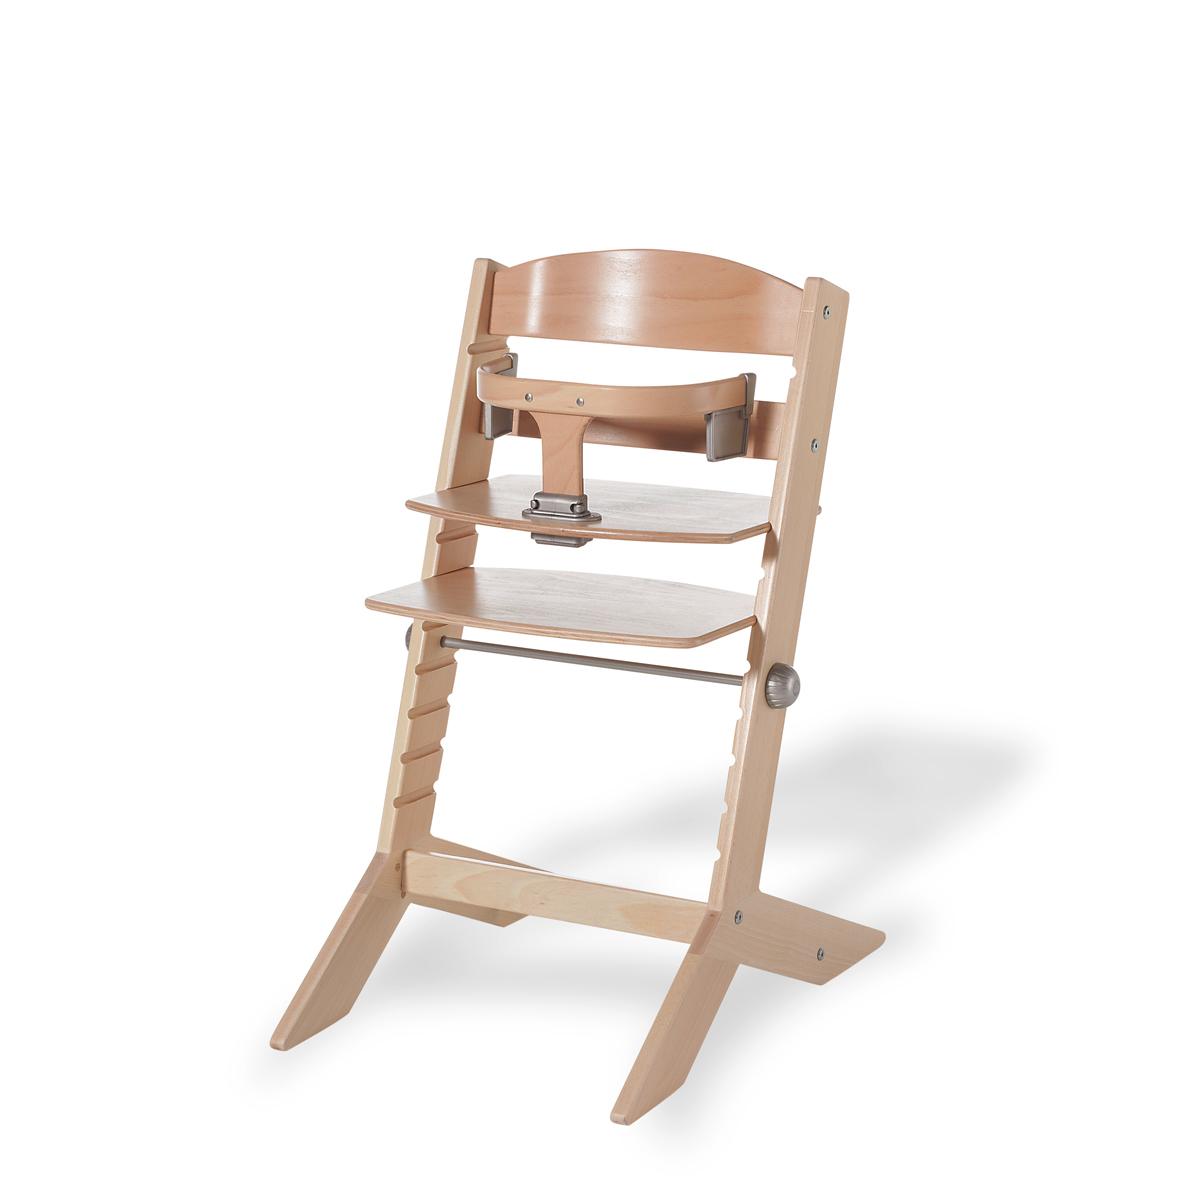 geuther chaise syt evolutive naturel chaise haute geuther sur l 39 armoire de b b. Black Bedroom Furniture Sets. Home Design Ideas